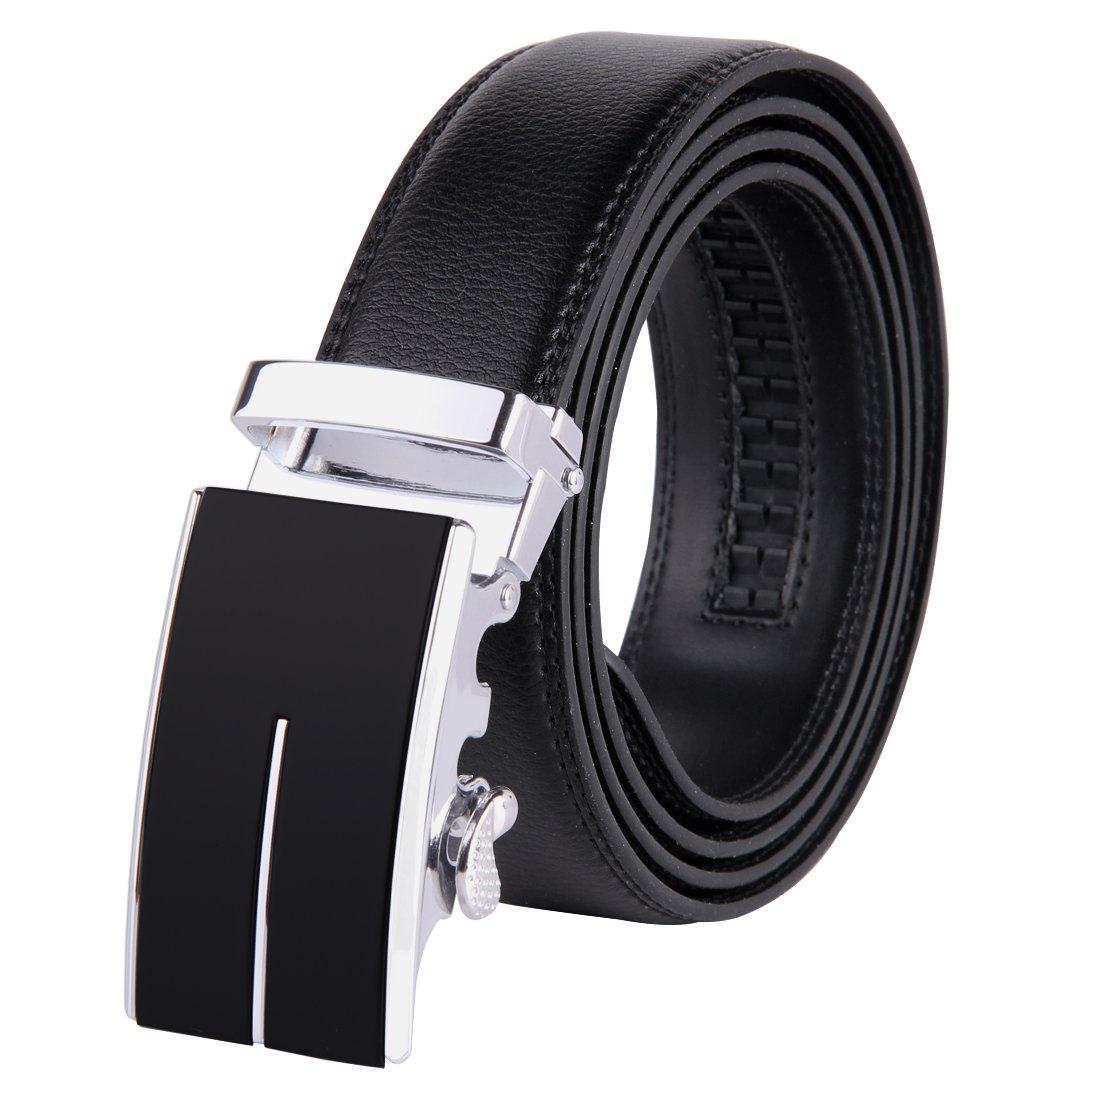 Jiniu Men's Leather Belt Automatic Buckle 35Mm Ratchet Dress Black Belts Boxed 12